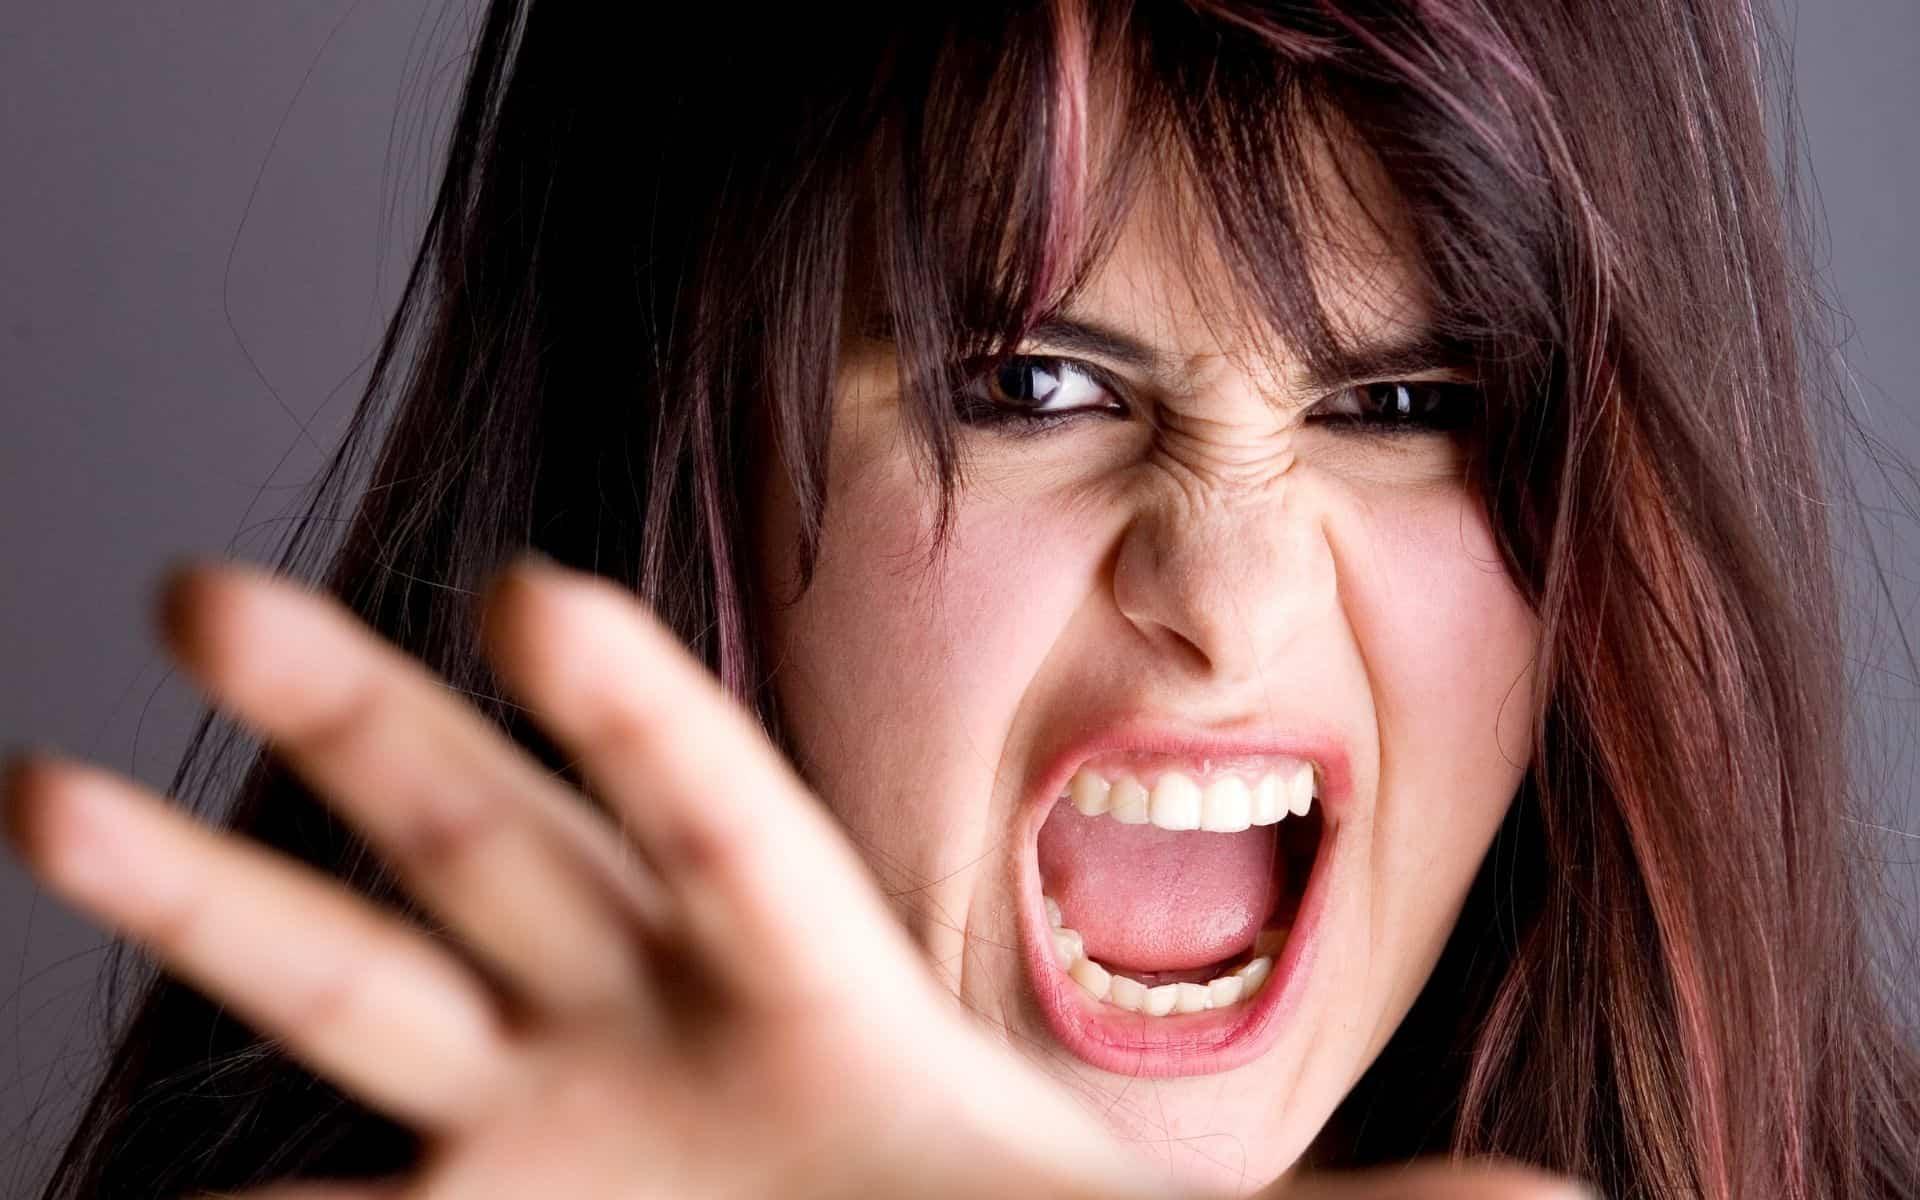 une femme dévastée par la colère